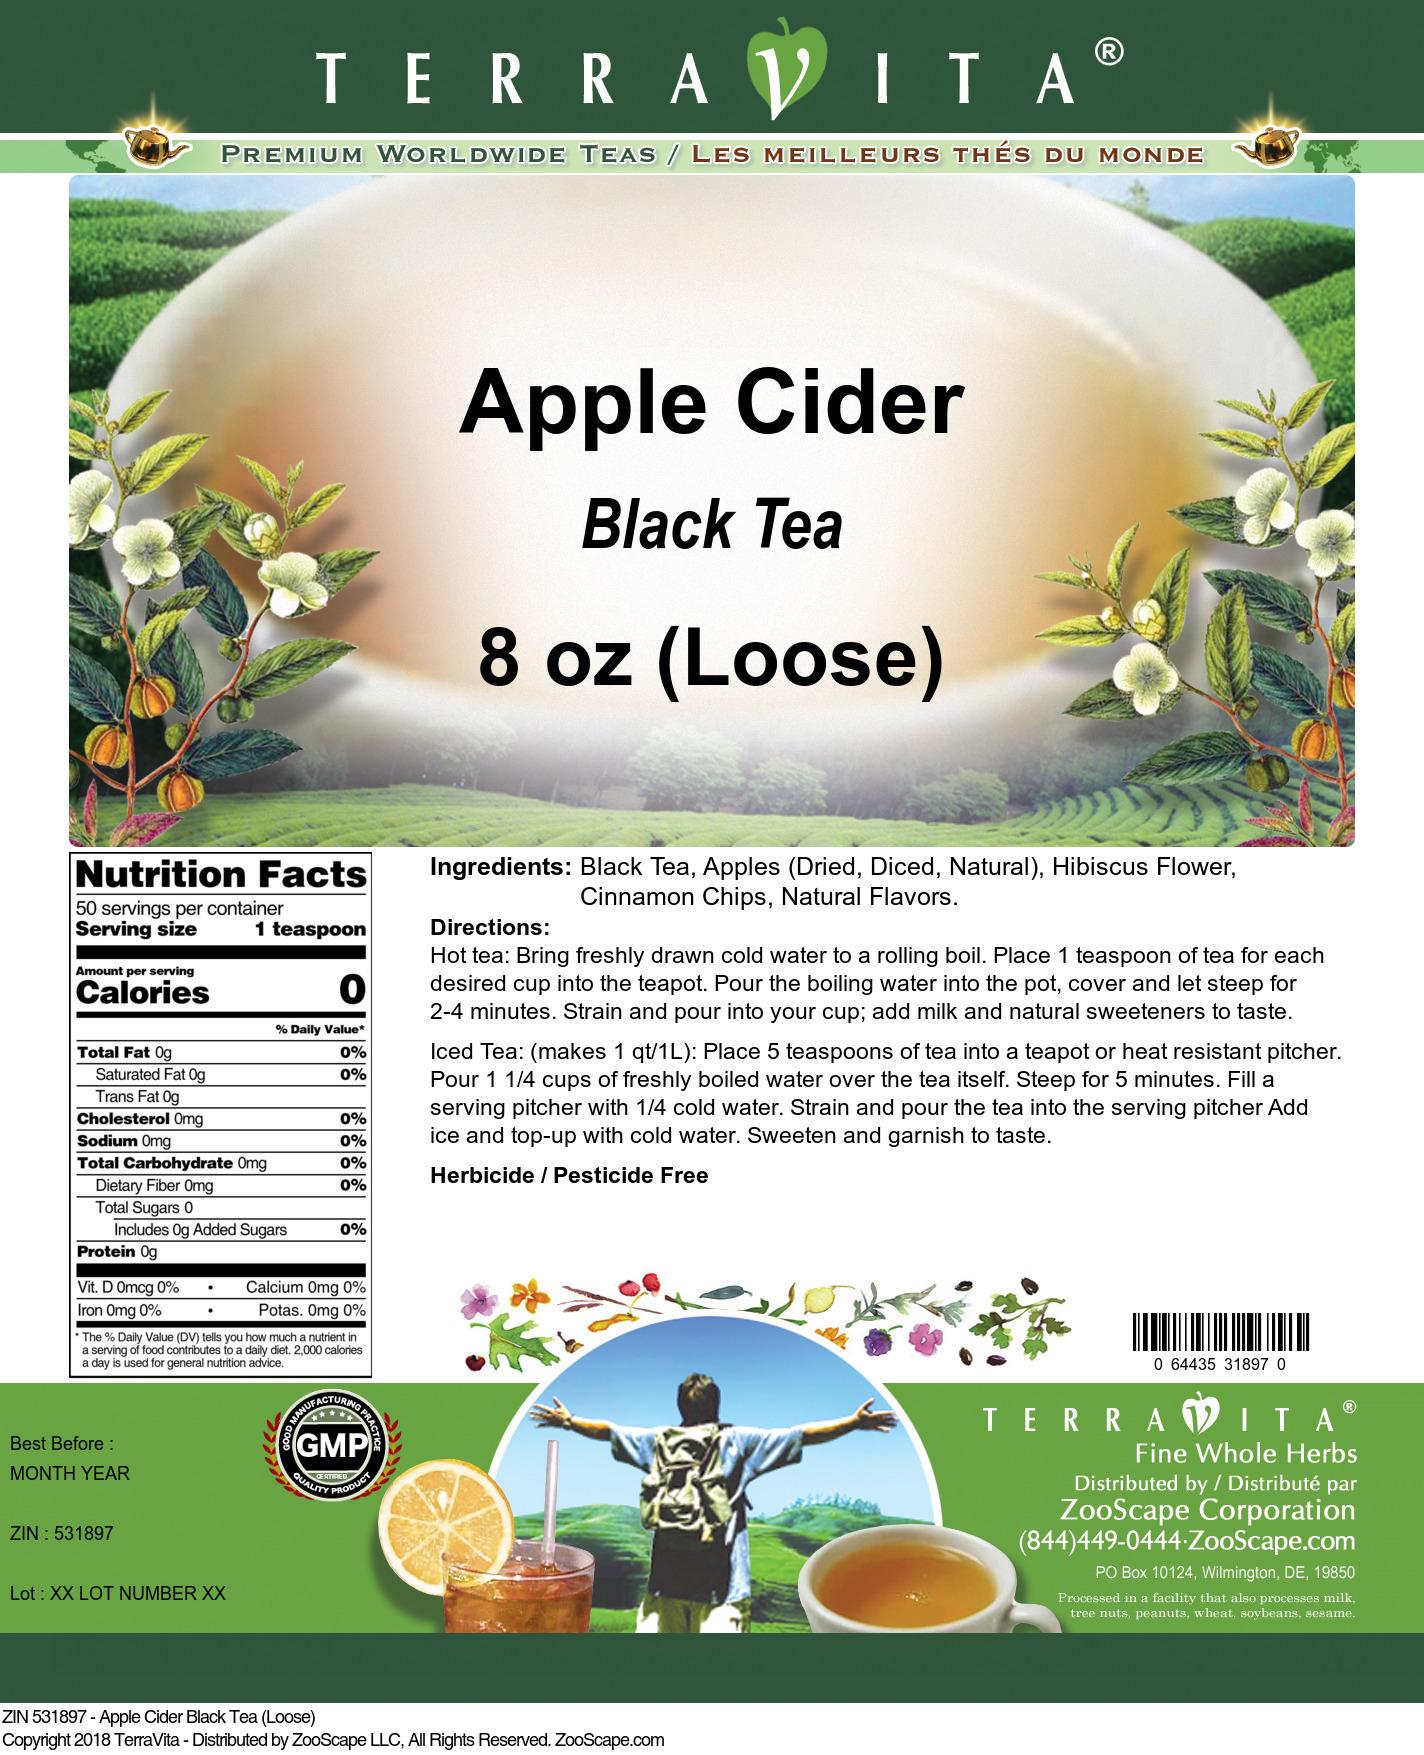 Apple Cider Black Tea